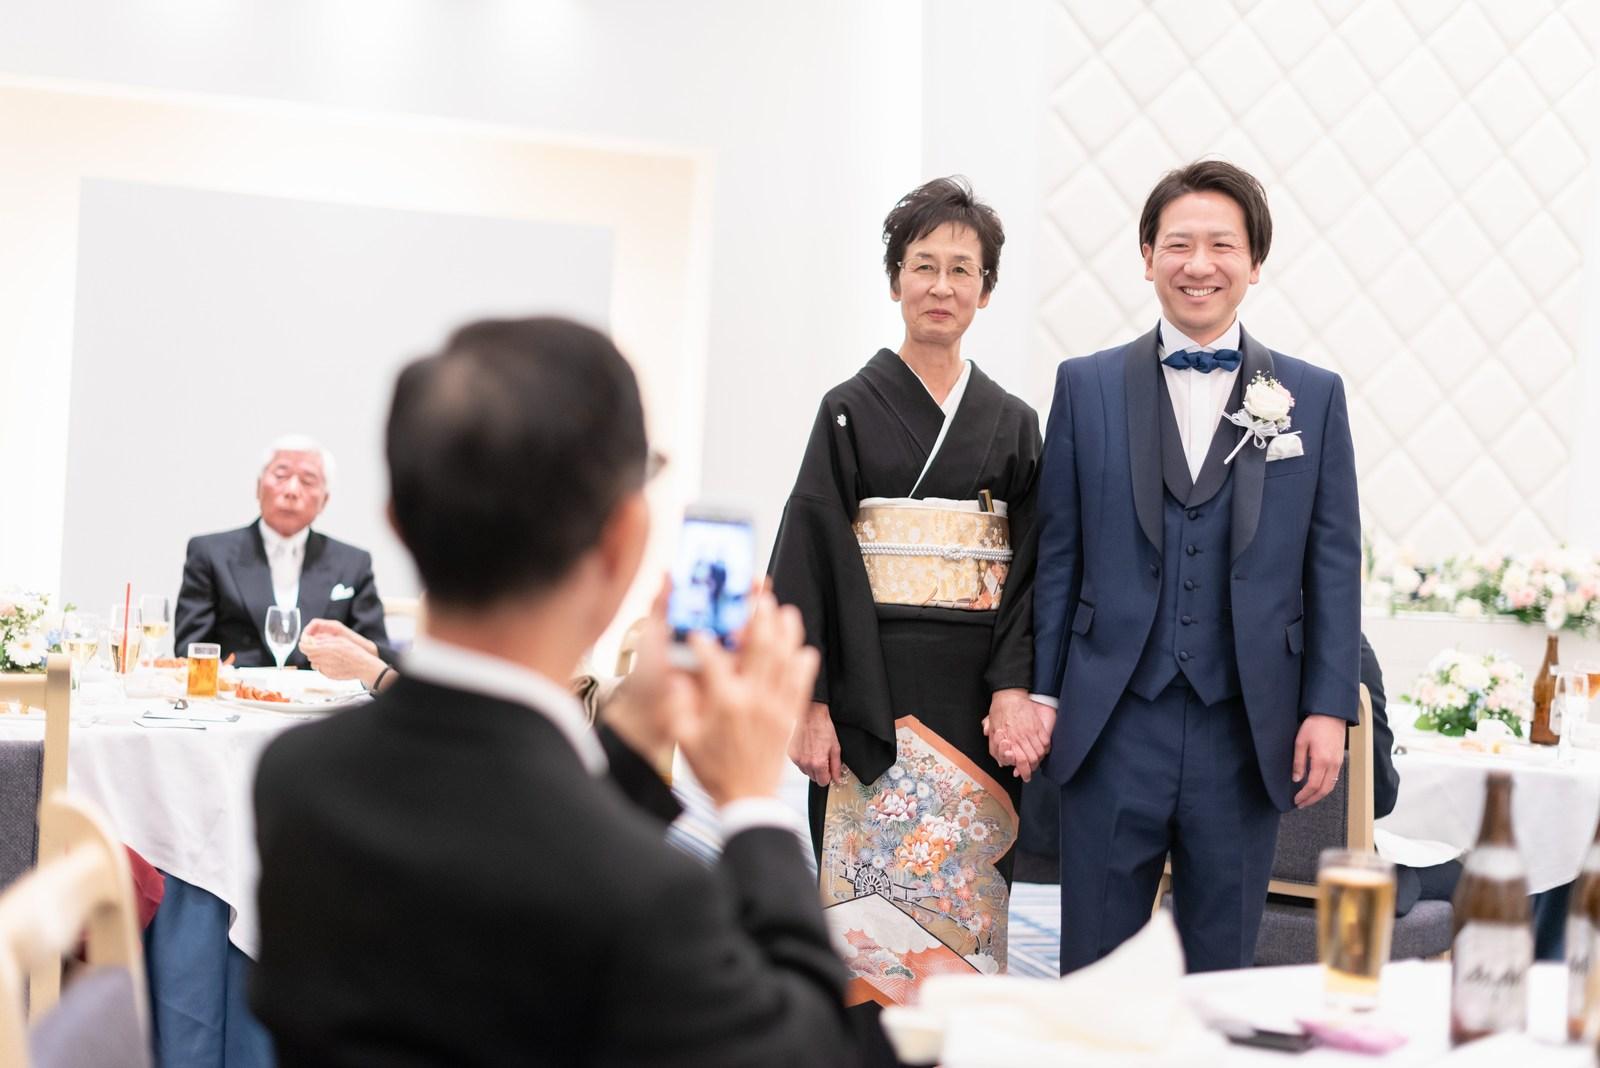 香川県の結婚式場のシェルエメール&アイスタイル 新郎お色直し退場